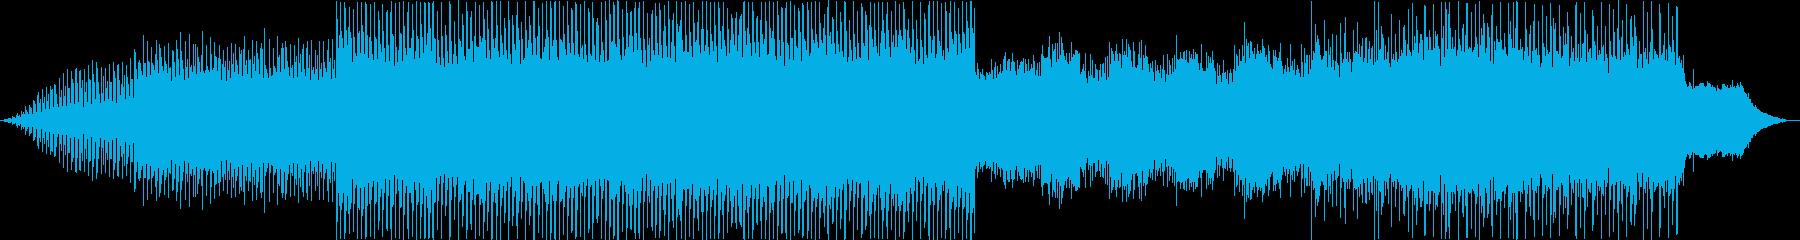 自然の環境音を取り入れたクールなBGMの再生済みの波形